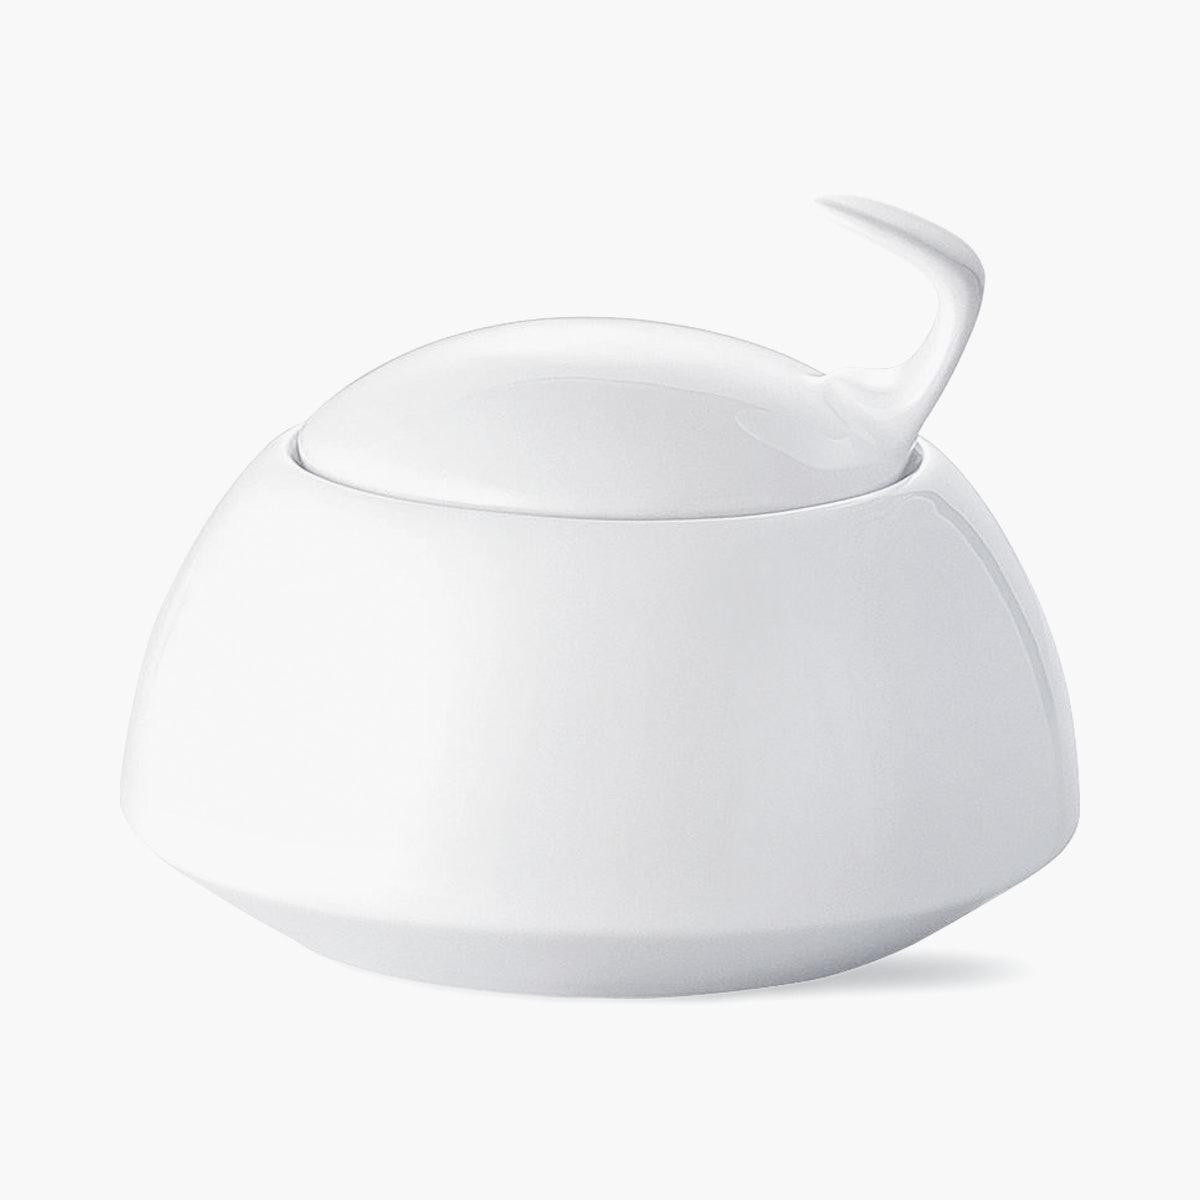 TAC 02 Sugar Bowl